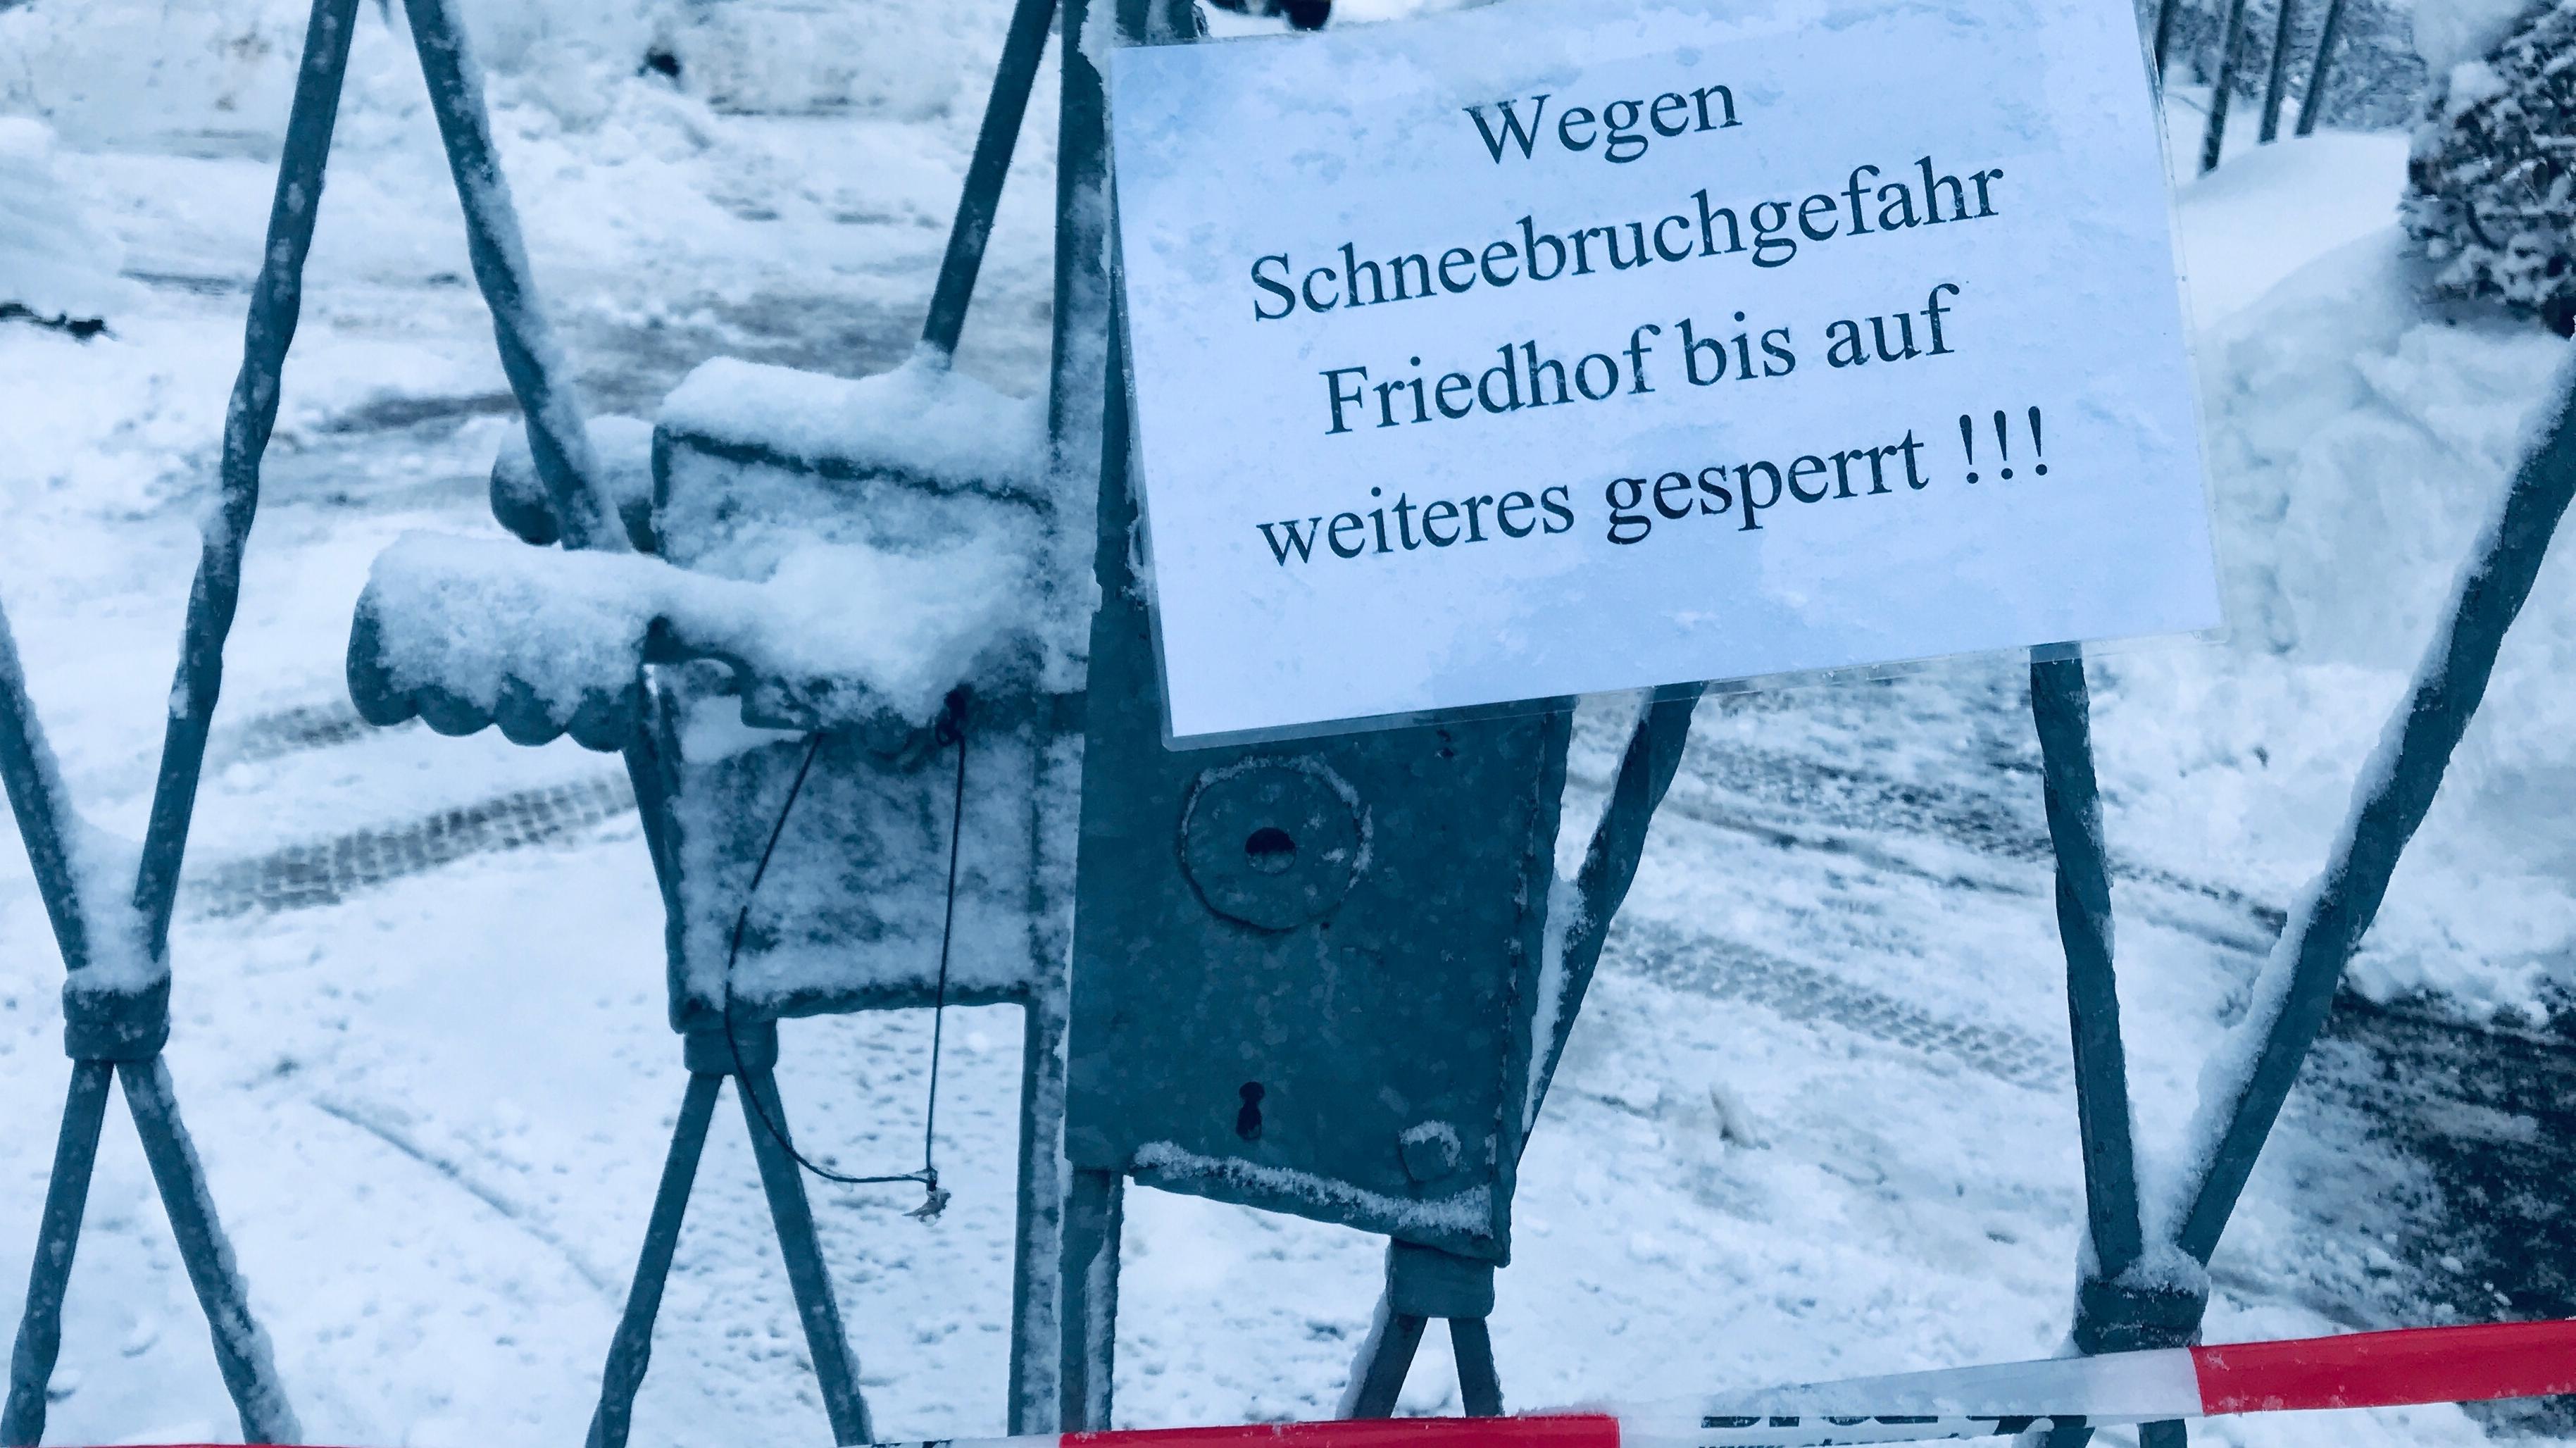 Schild zeigt: Wegen Schneebruchgefahr Friedhof bis auf weiteres gesperrt.